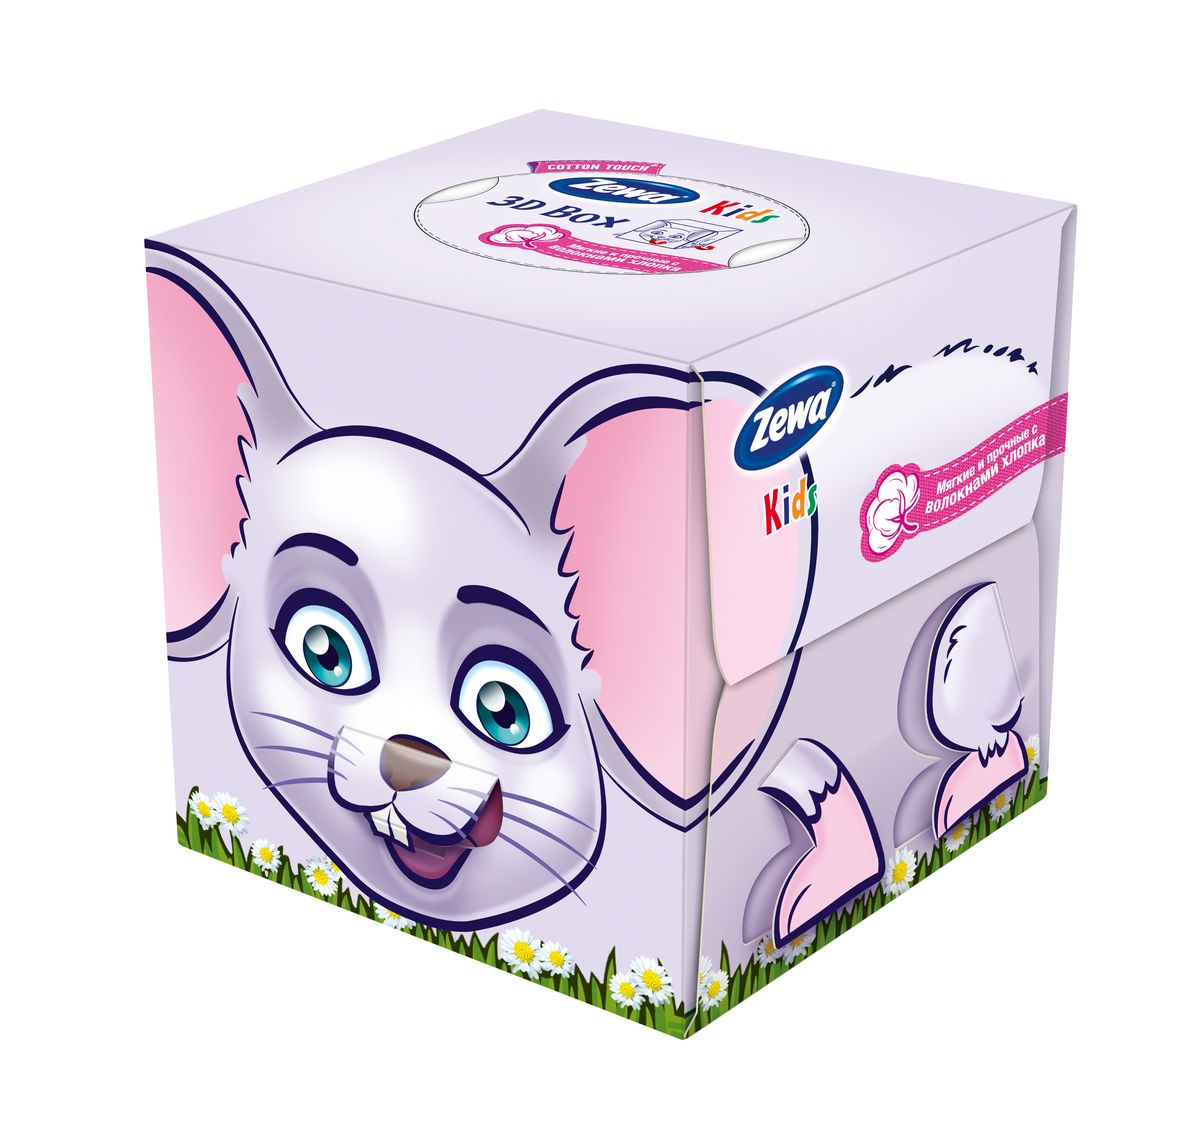 Салфетки бумажные косметические Zewa Kids Мышка, 60 шт салфетки бумажные круглые 3 слойные 12 шт ассорти